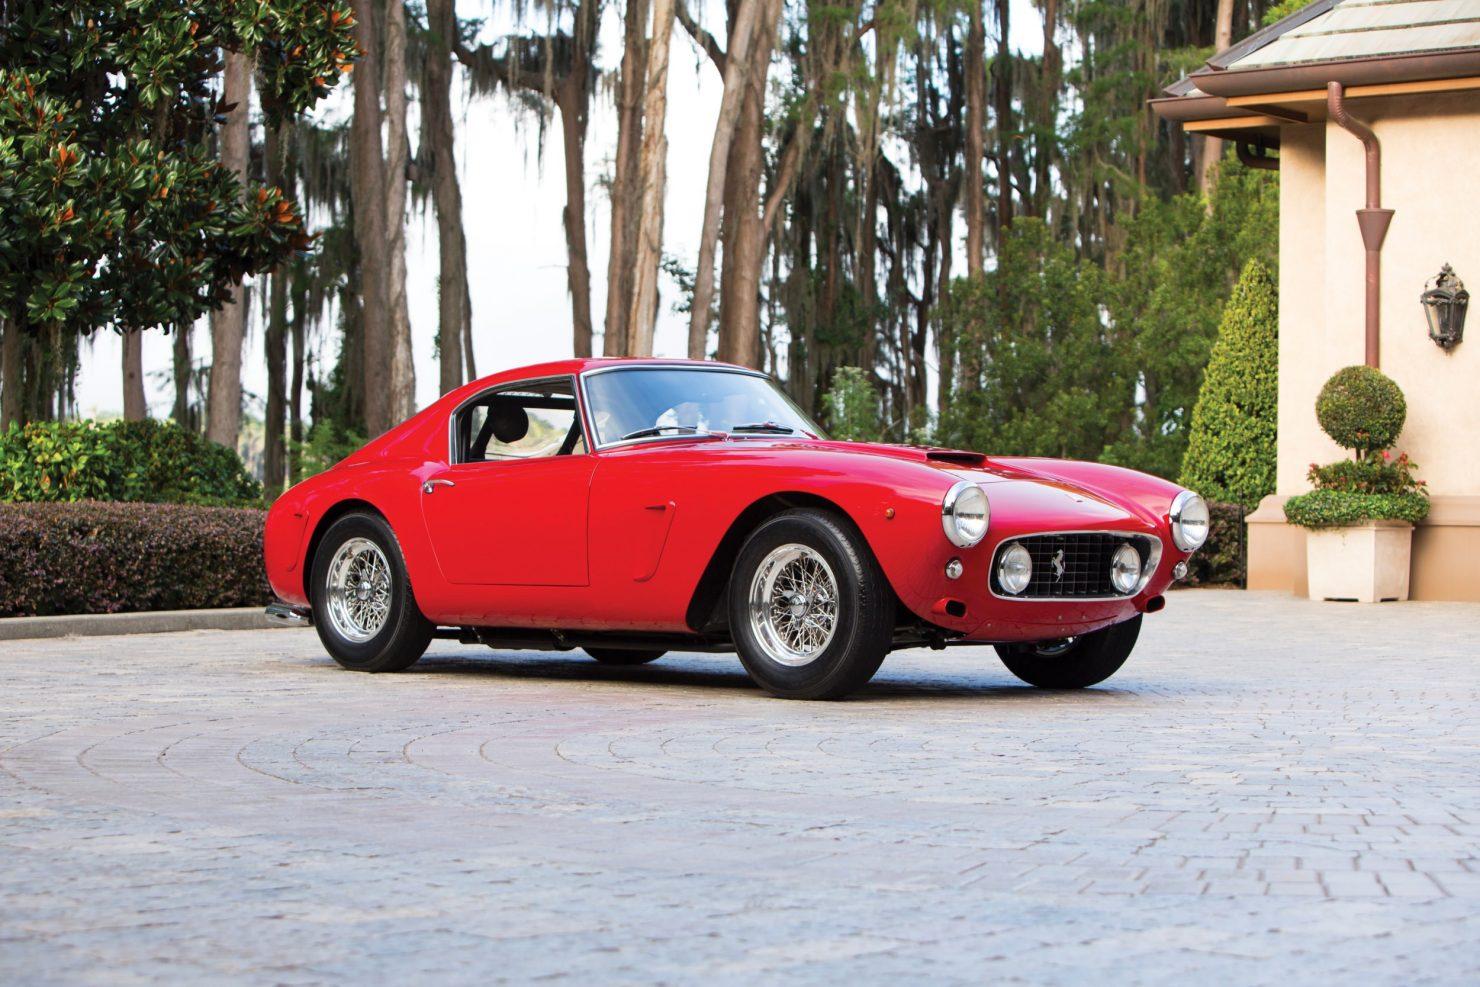 ferrari 250 gt swb car 1 1480x987 - 1960 Ferrari 250 GT SWB Competizione